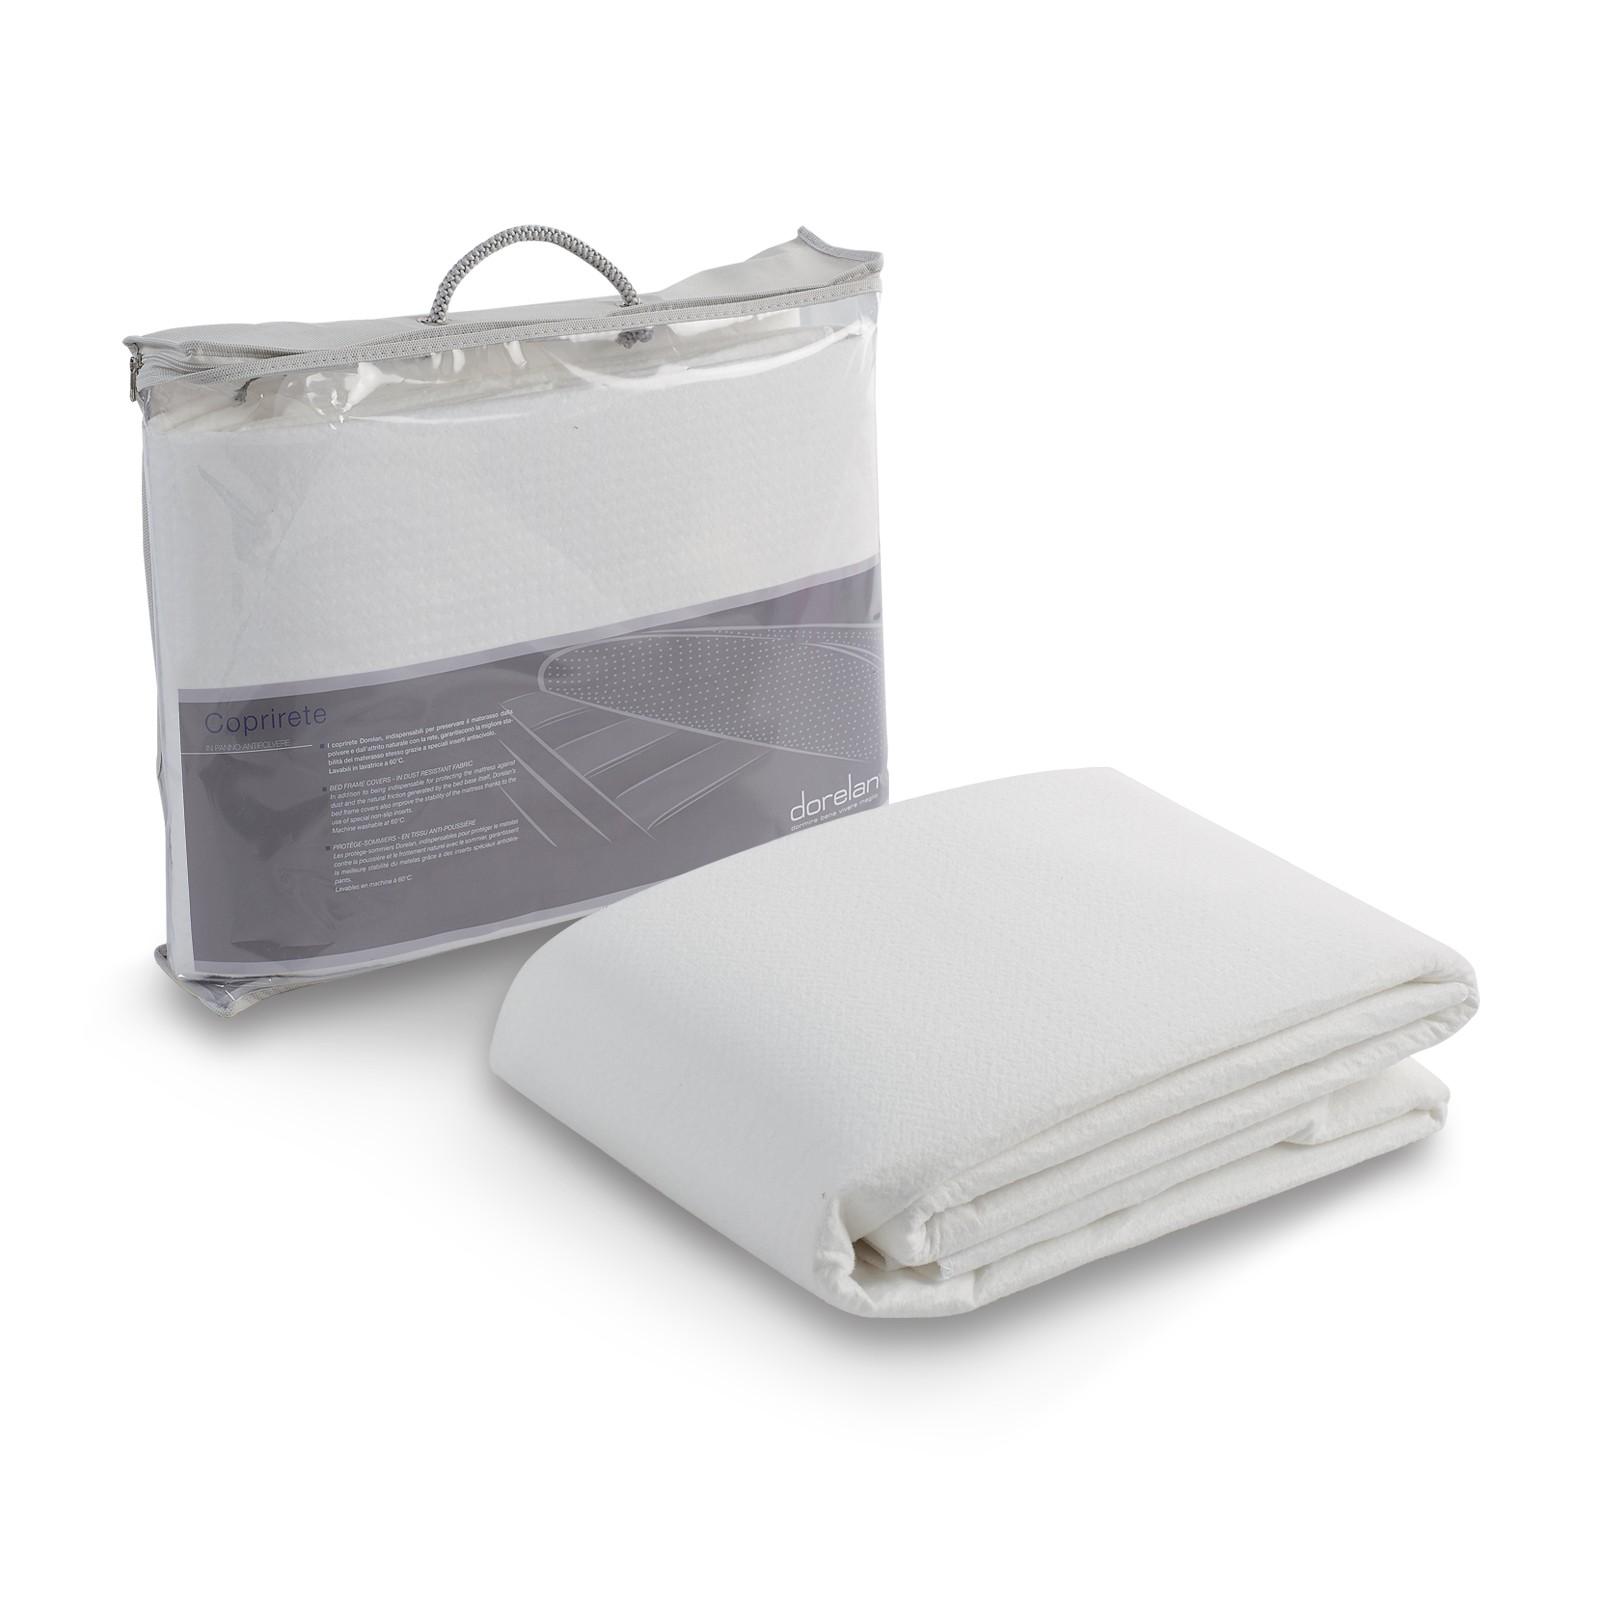 Coprirete Bed Base Cover